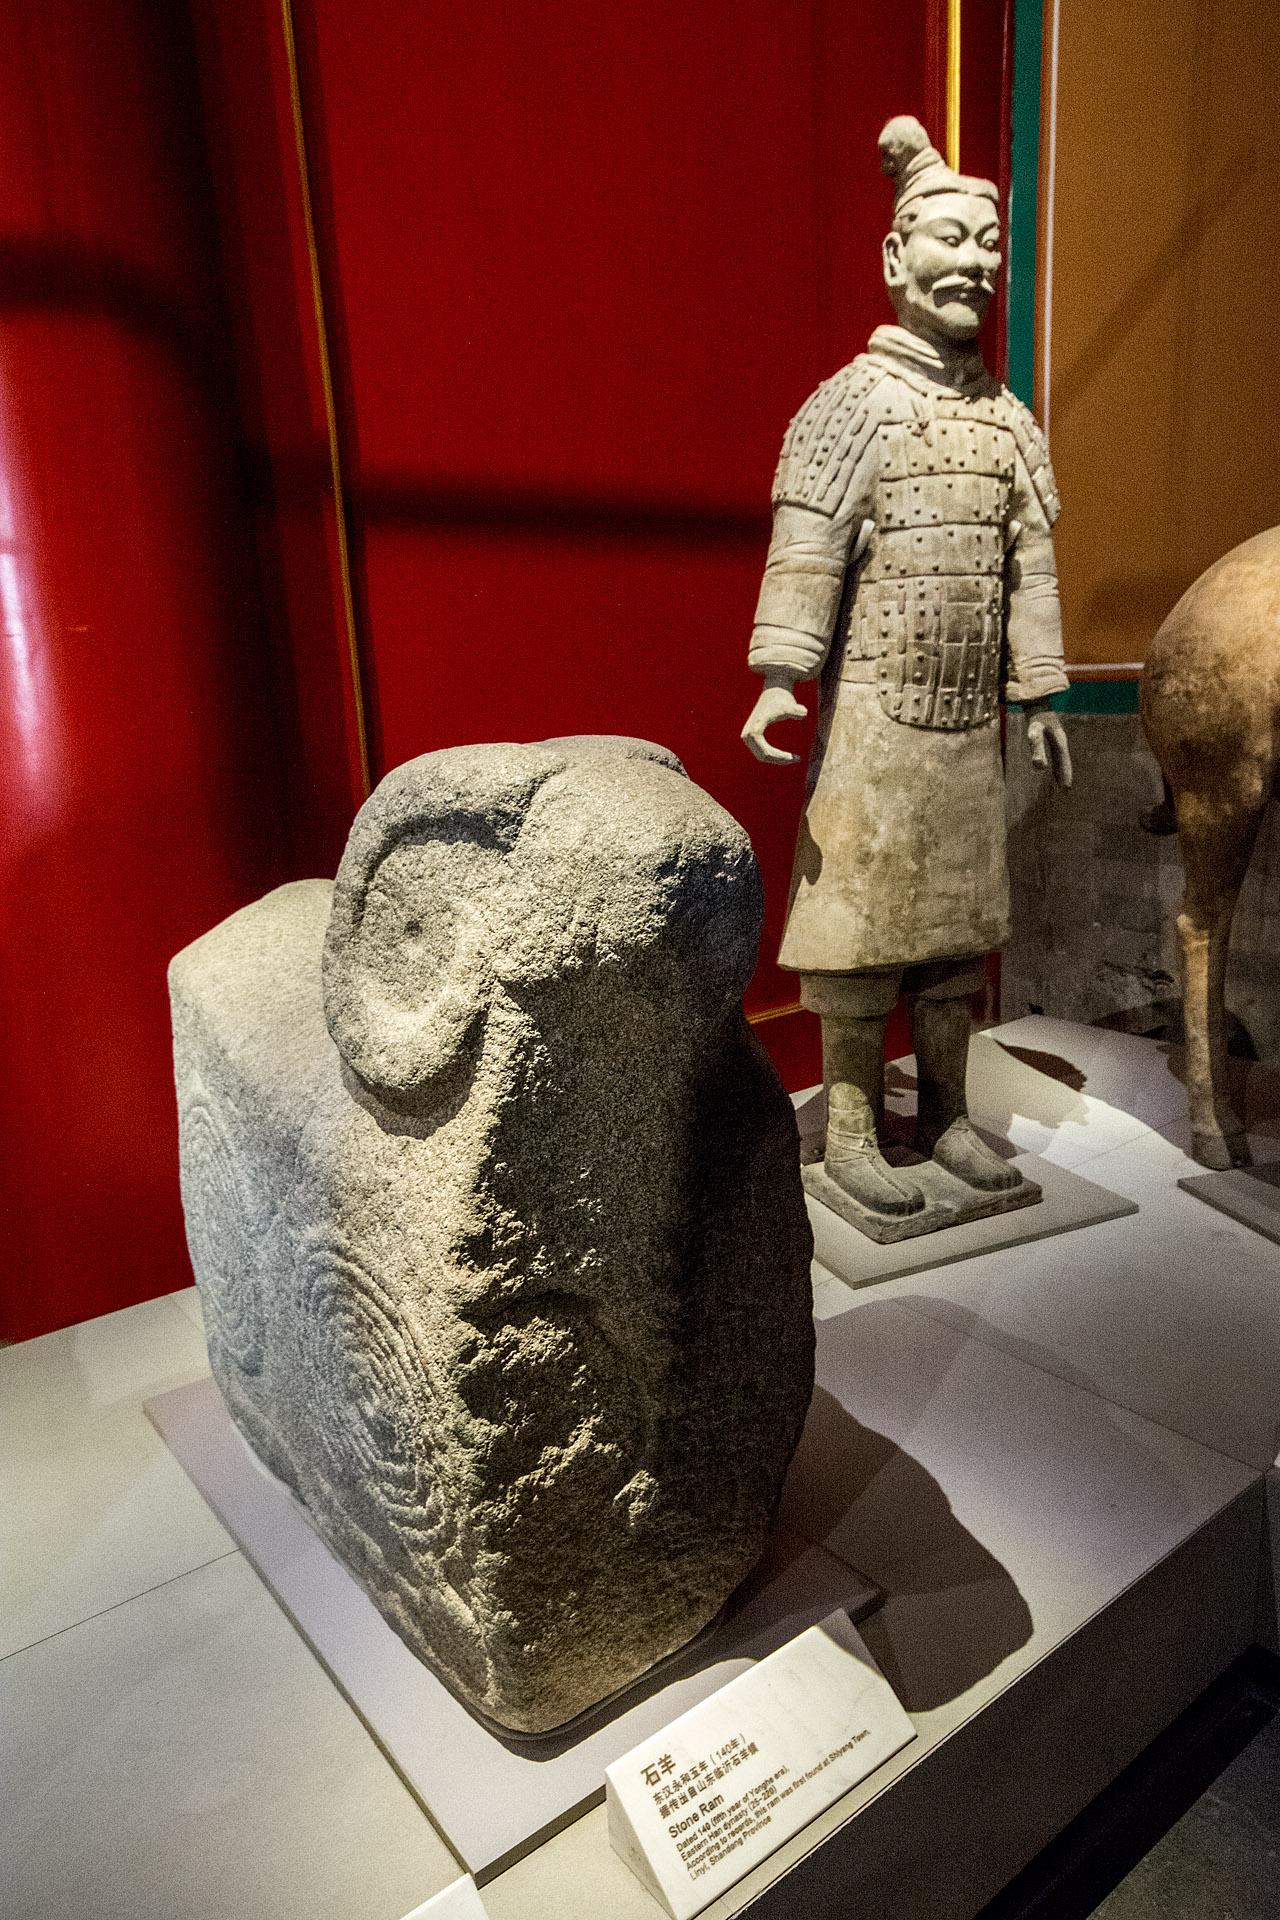 Stone ram, Eastern Han Dynasty (dated 140 AD)